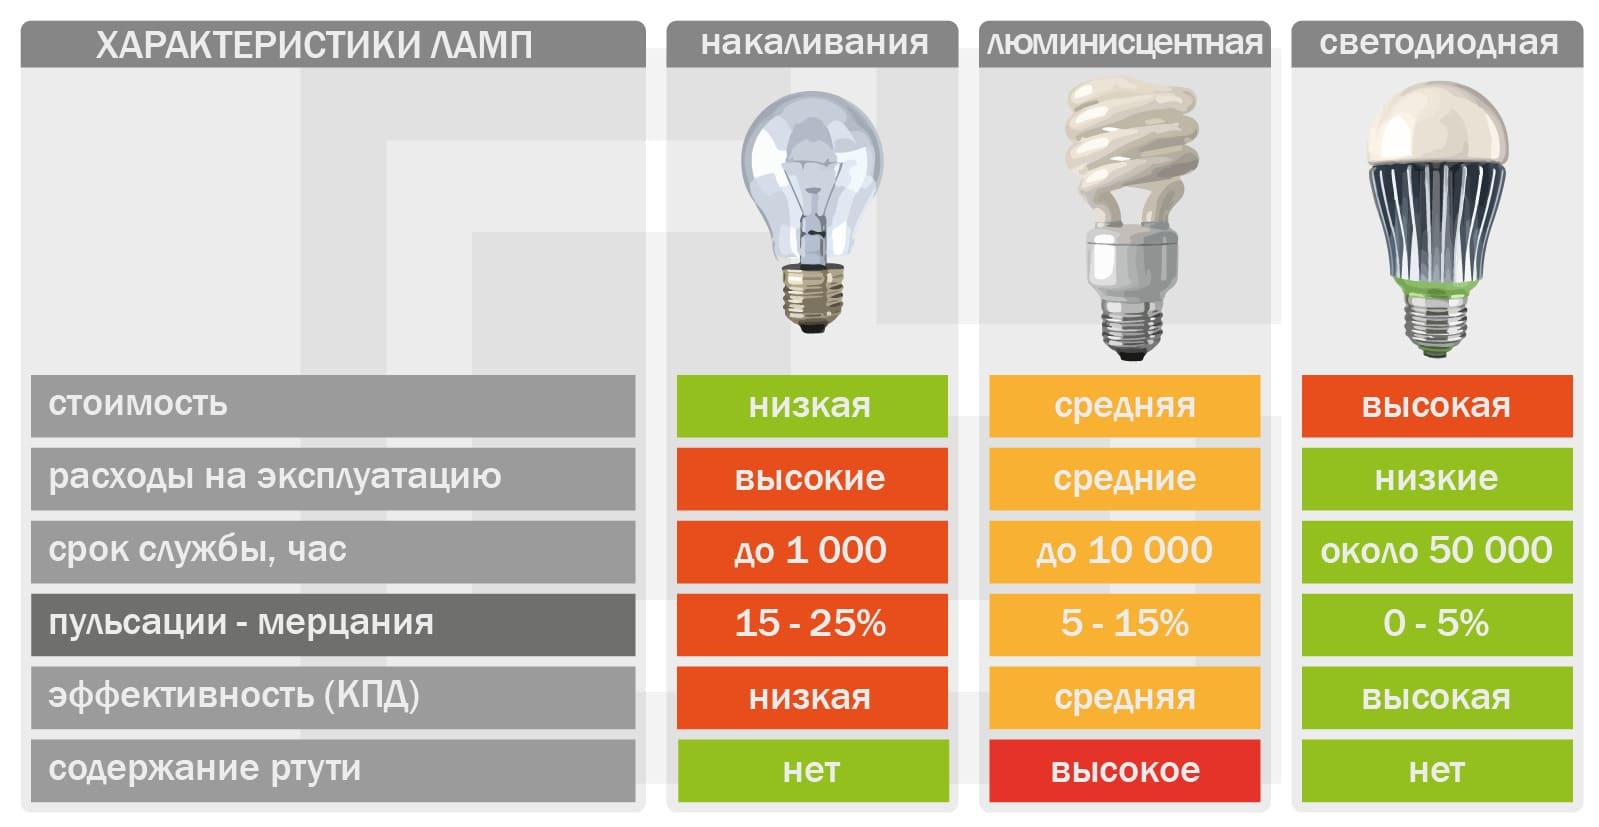 Характеристики и параметры лампочек, которые наиболие часто используются для освещения в домах и квартирах